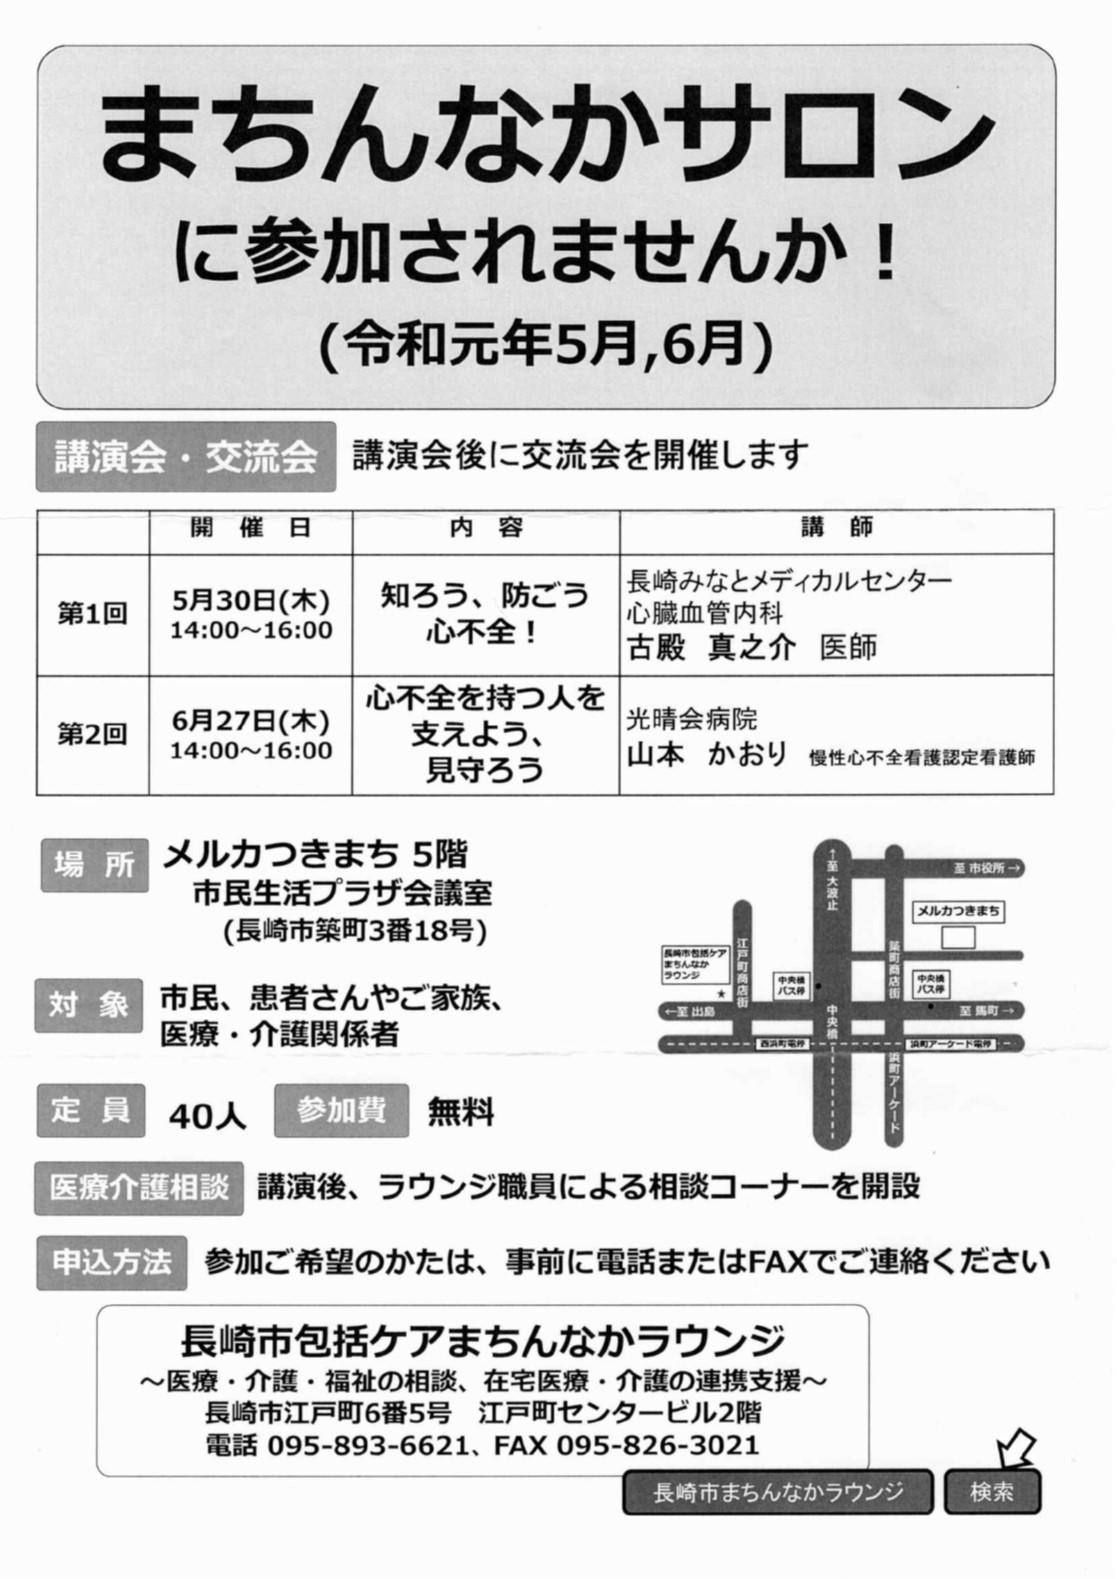 長崎市包括ケアまちんなかラウンジ主催講習会 @ メルカつきまち 5階